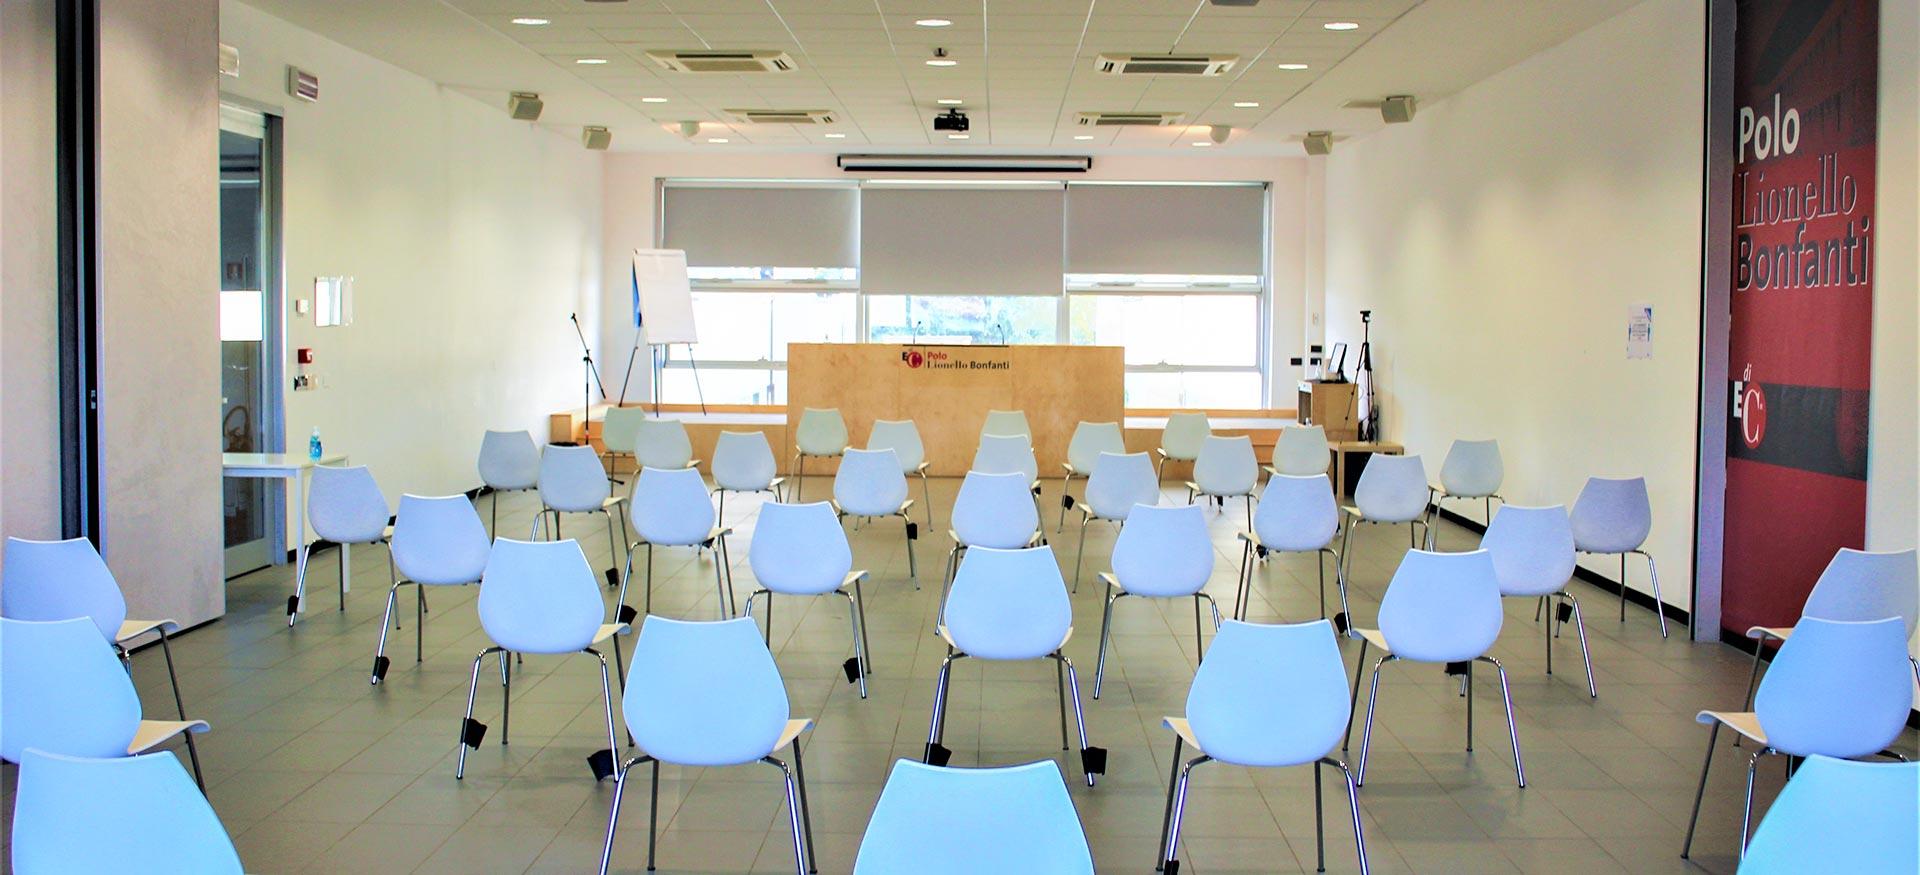 foto della sala conferenze in affitto al centro convegni con palco e sedie